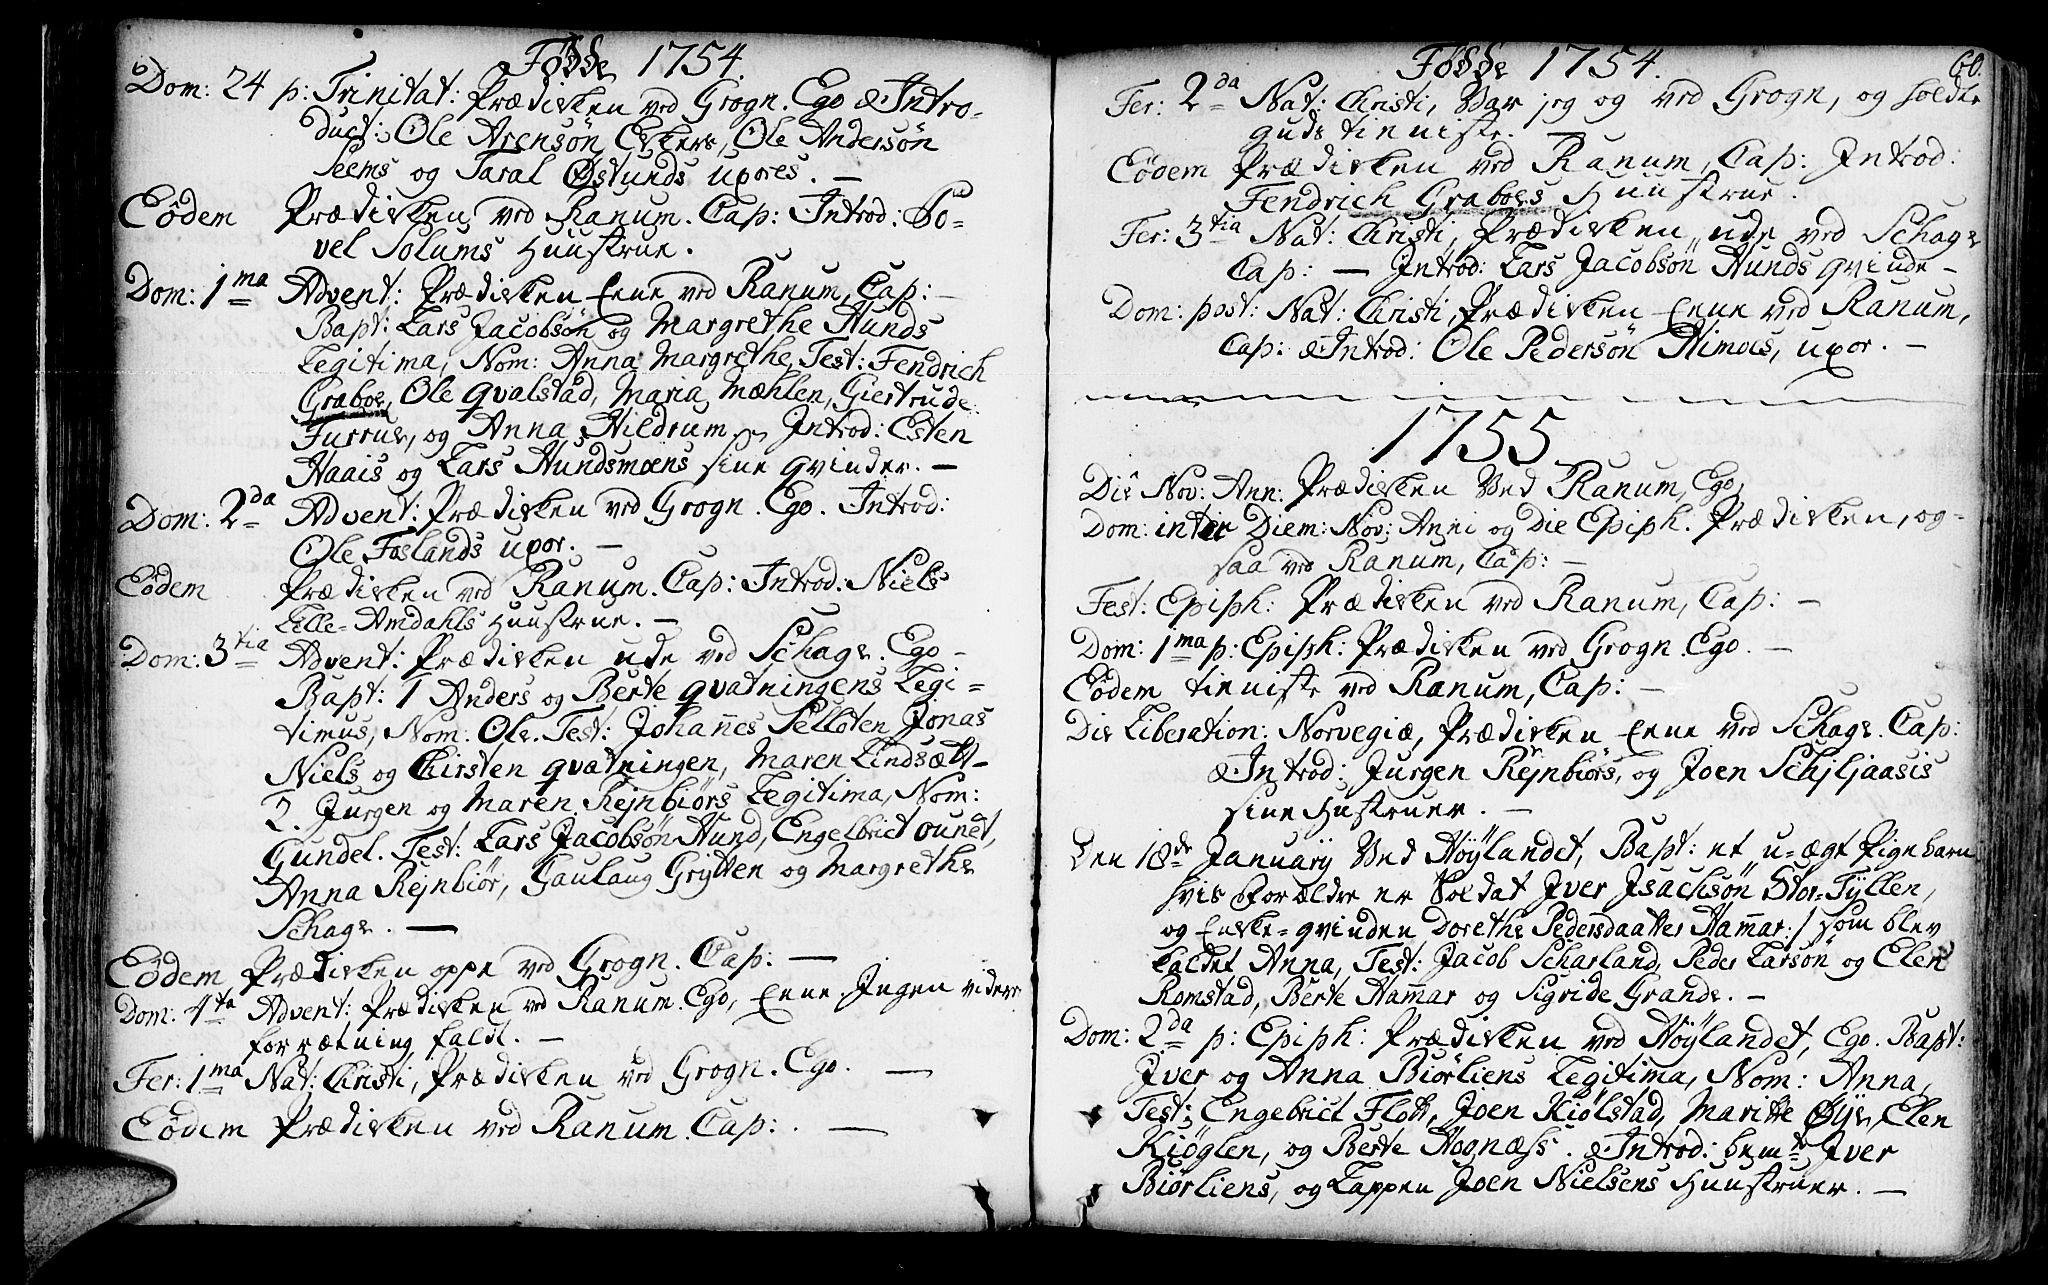 SAT, Ministerialprotokoller, klokkerbøker og fødselsregistre - Nord-Trøndelag, 764/L0542: Ministerialbok nr. 764A02, 1748-1779, s. 60